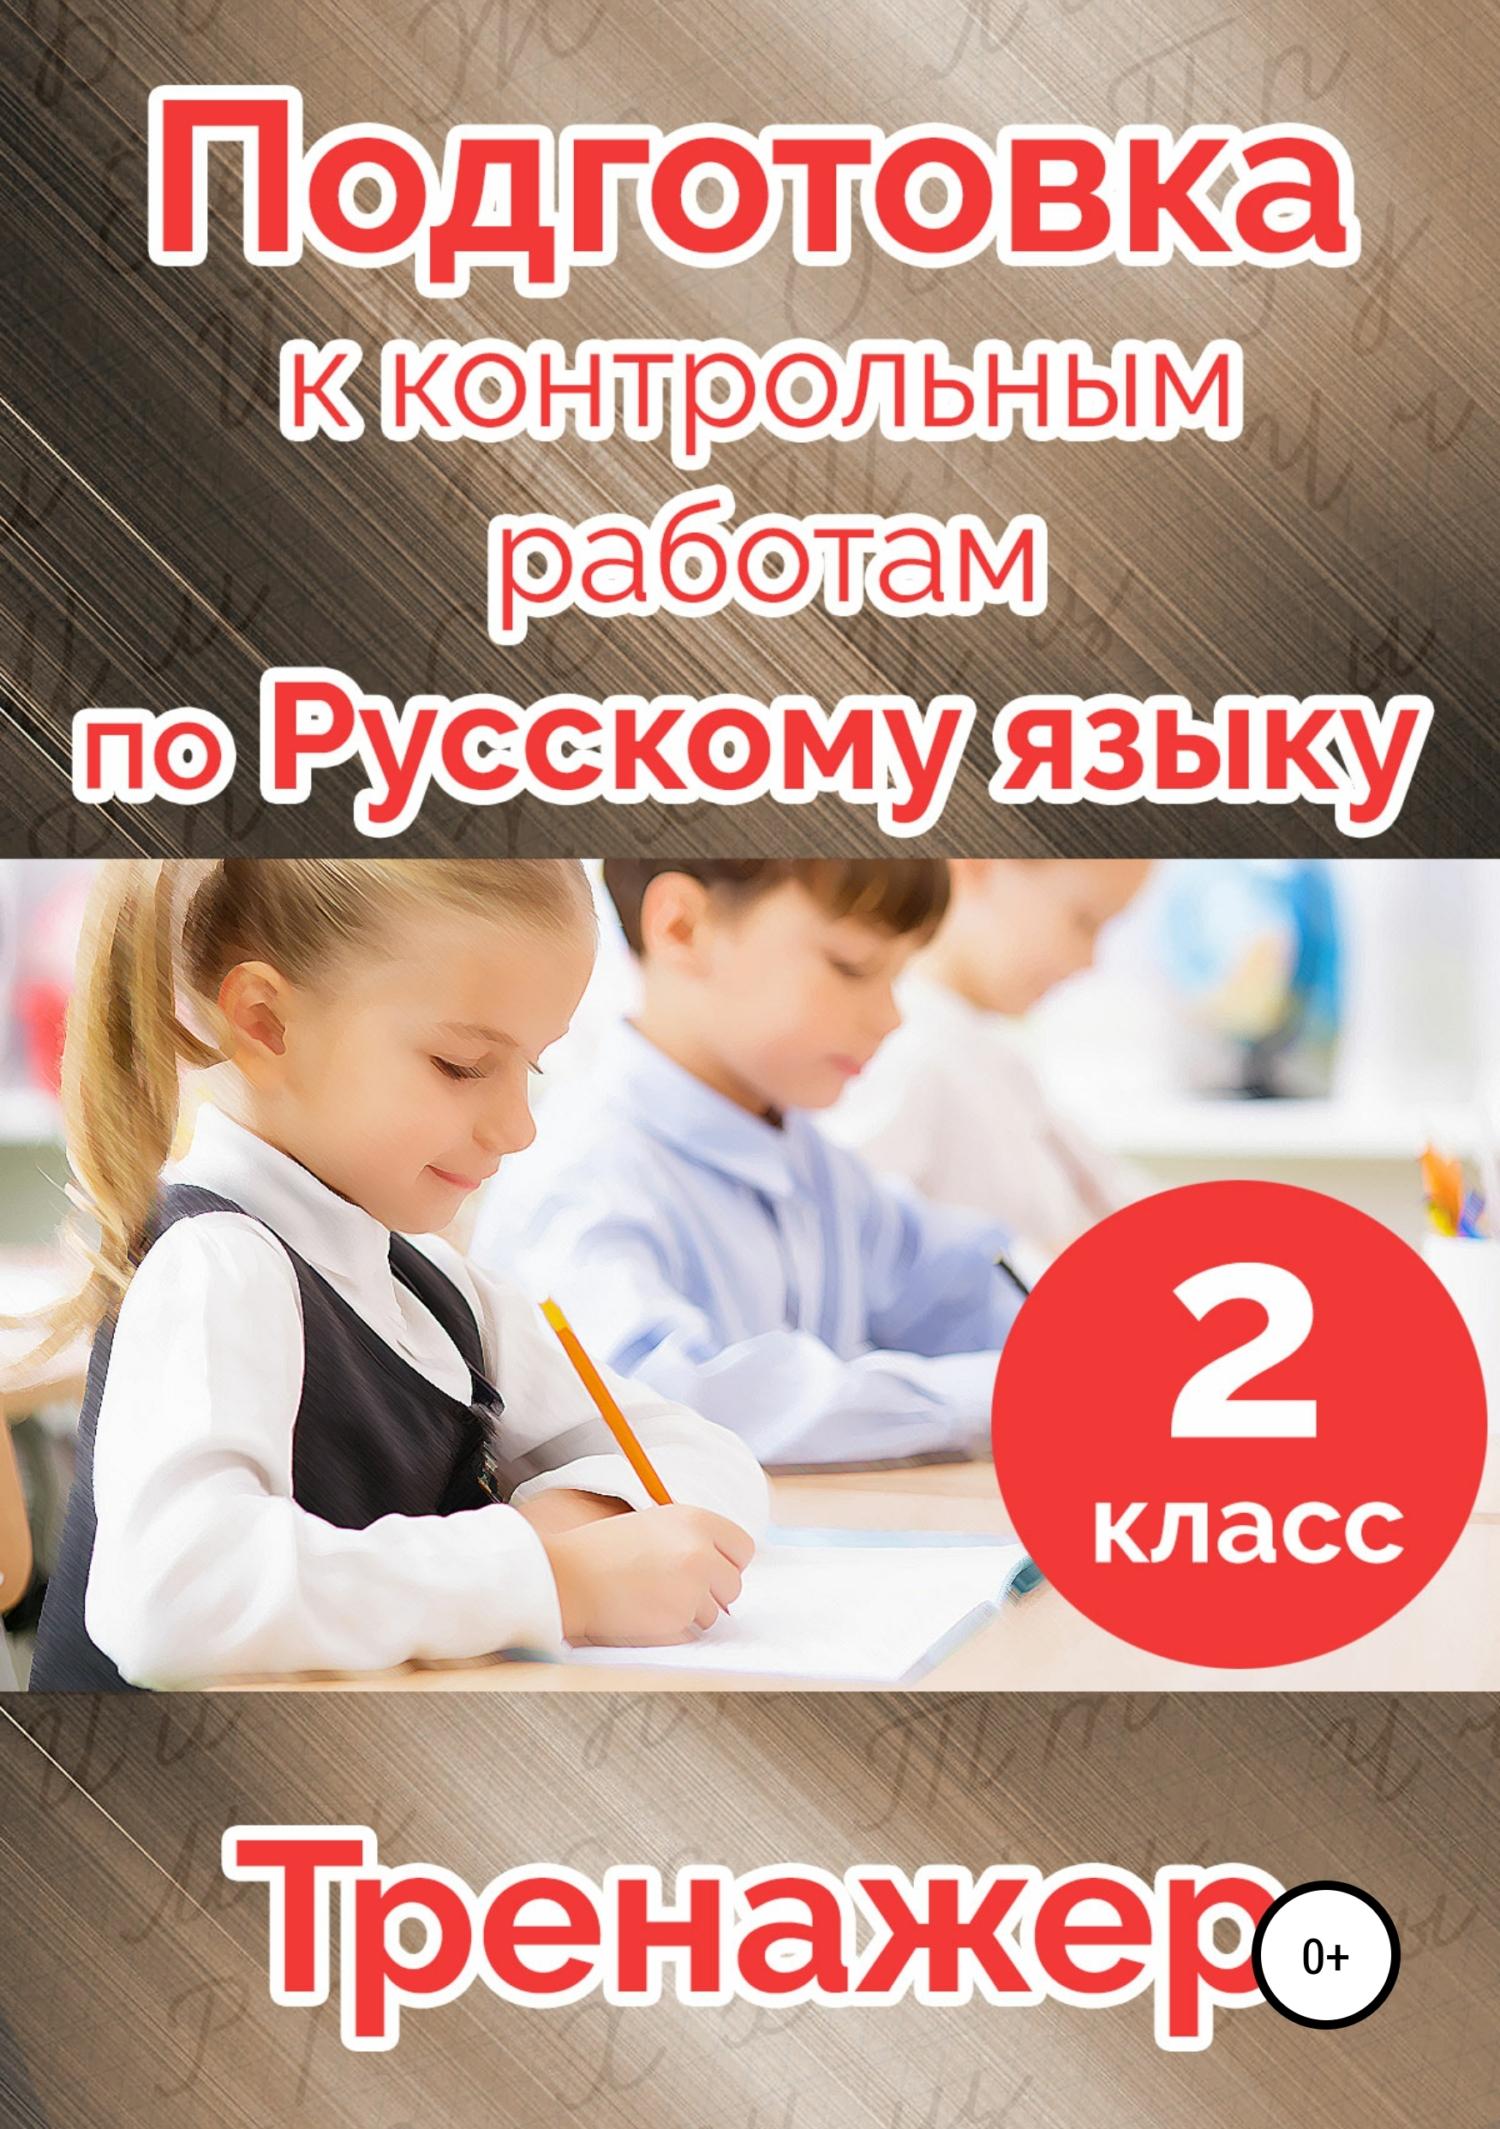 Татьяна Владимировна Векшина Подготовка к контрольным работам по русскому языку. 2 класс цены онлайн